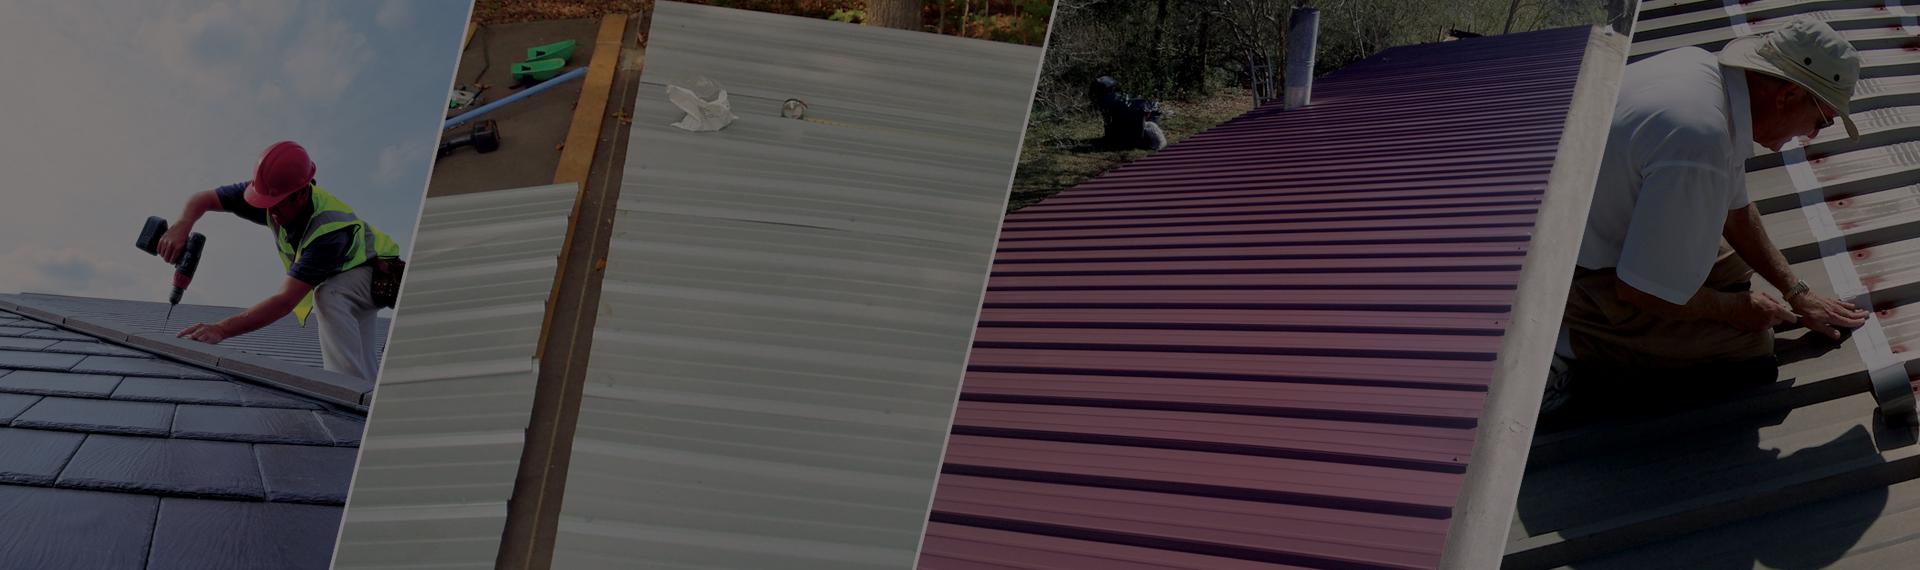 QRG Roofing Melbourne FL